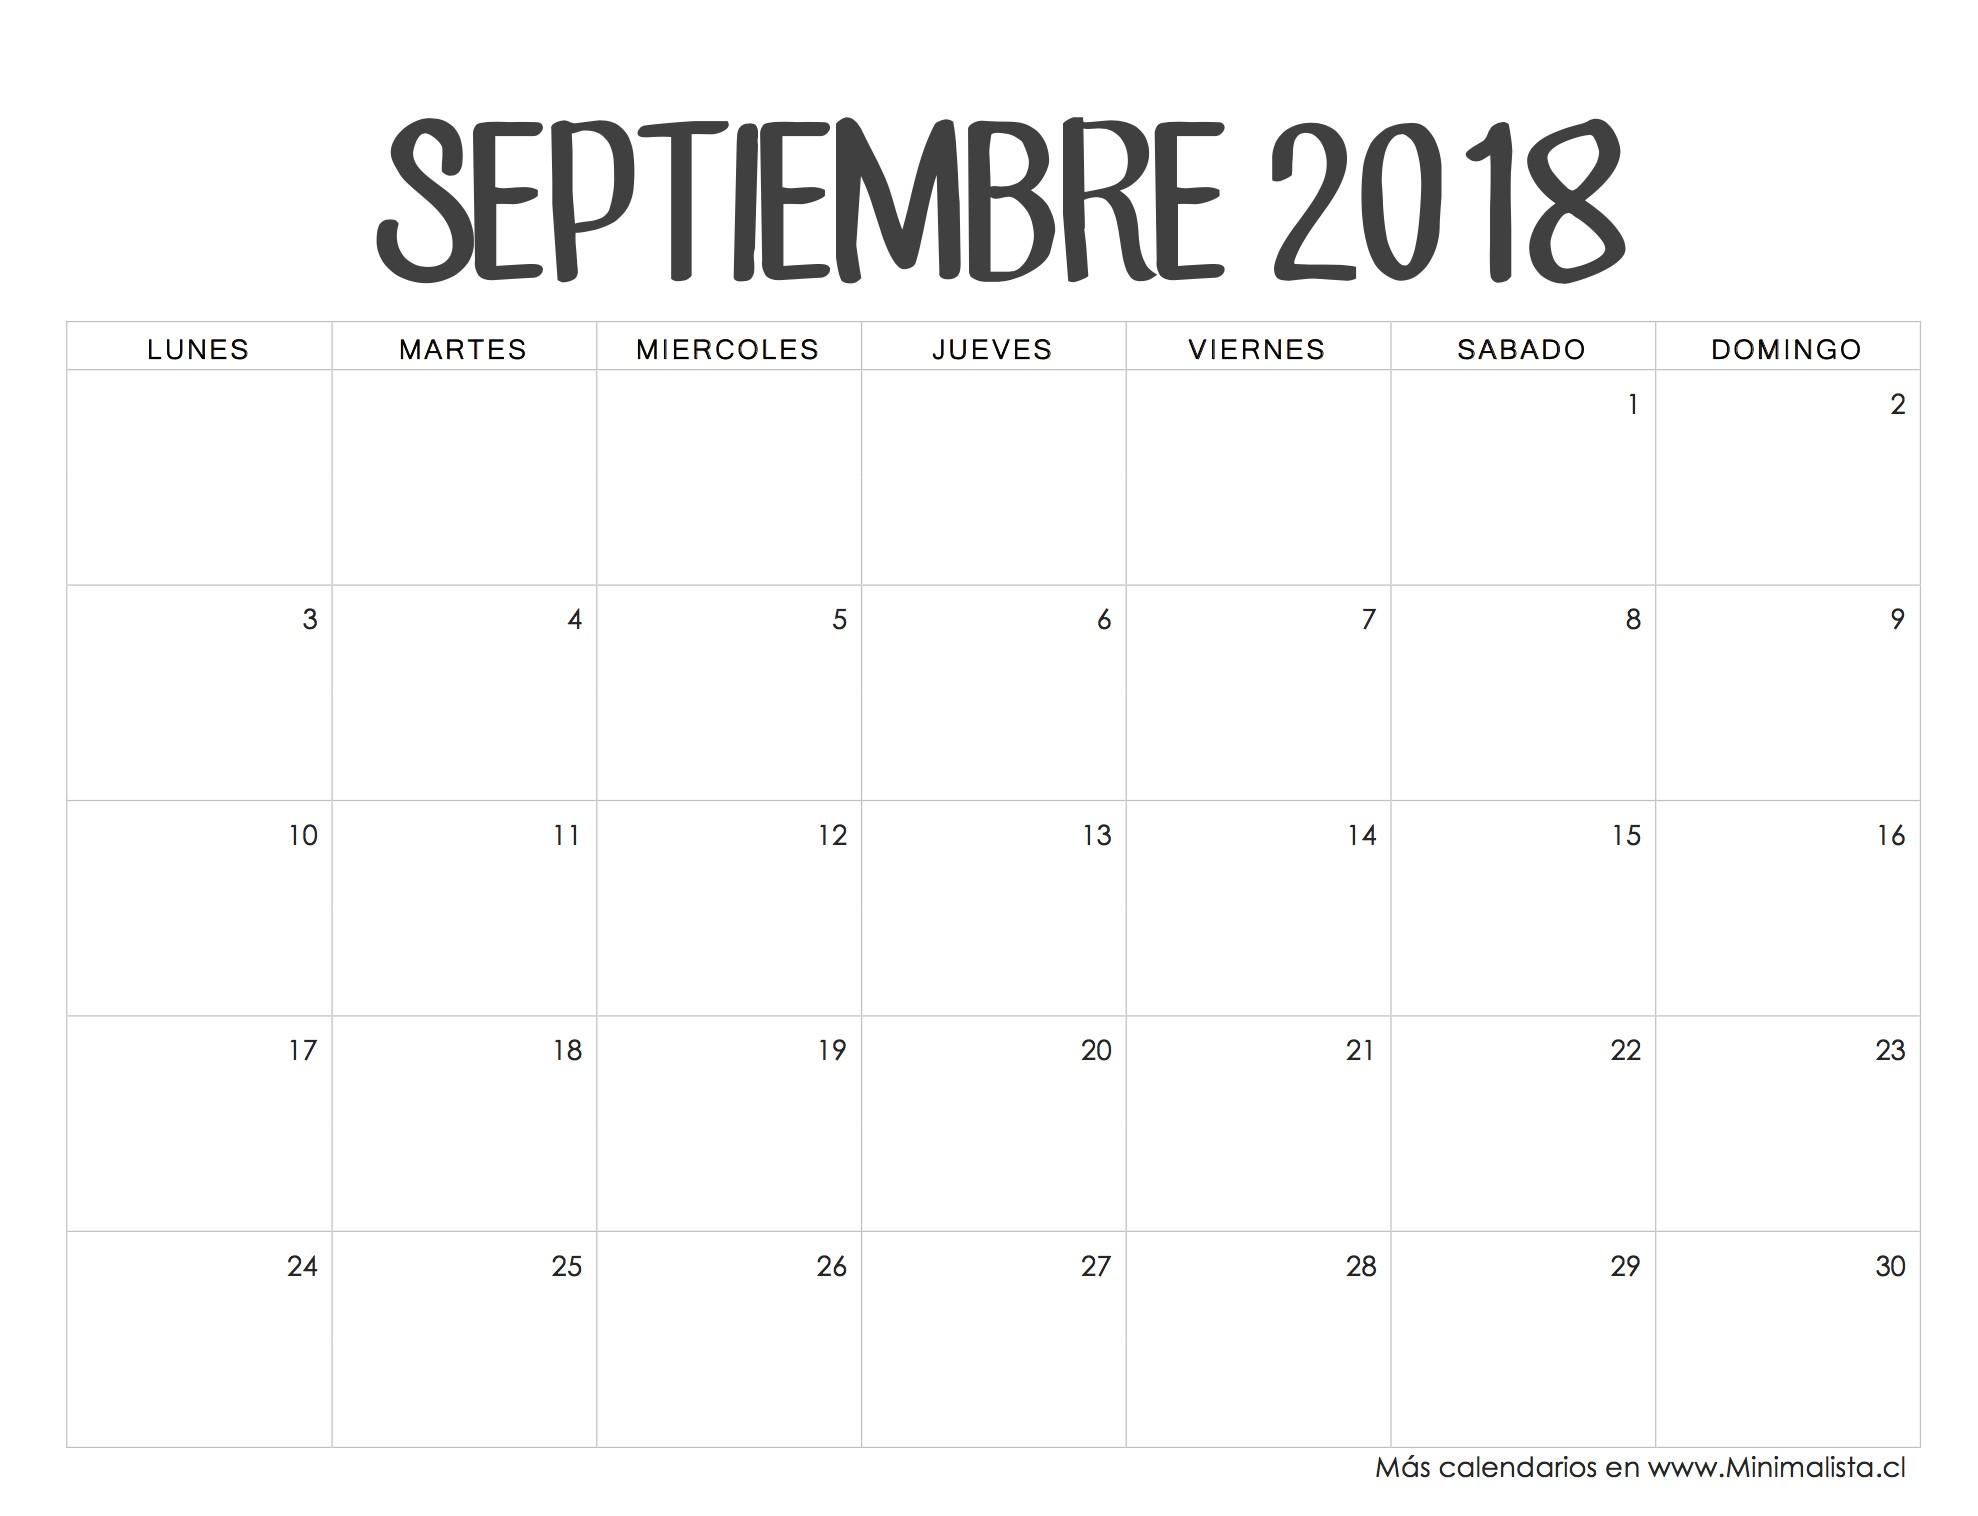 Calendario De Agosto 2017 Para Imprimir E Colorir Actual Calendario Septiembre 2018 Calendario 2018 Pinterest Of Calendario De Agosto 2017 Para Imprimir E Colorir Más Arriba-a-fecha Desenhos Das Esta§µes Do Ano Para Imprimir E Pintar Terminou O